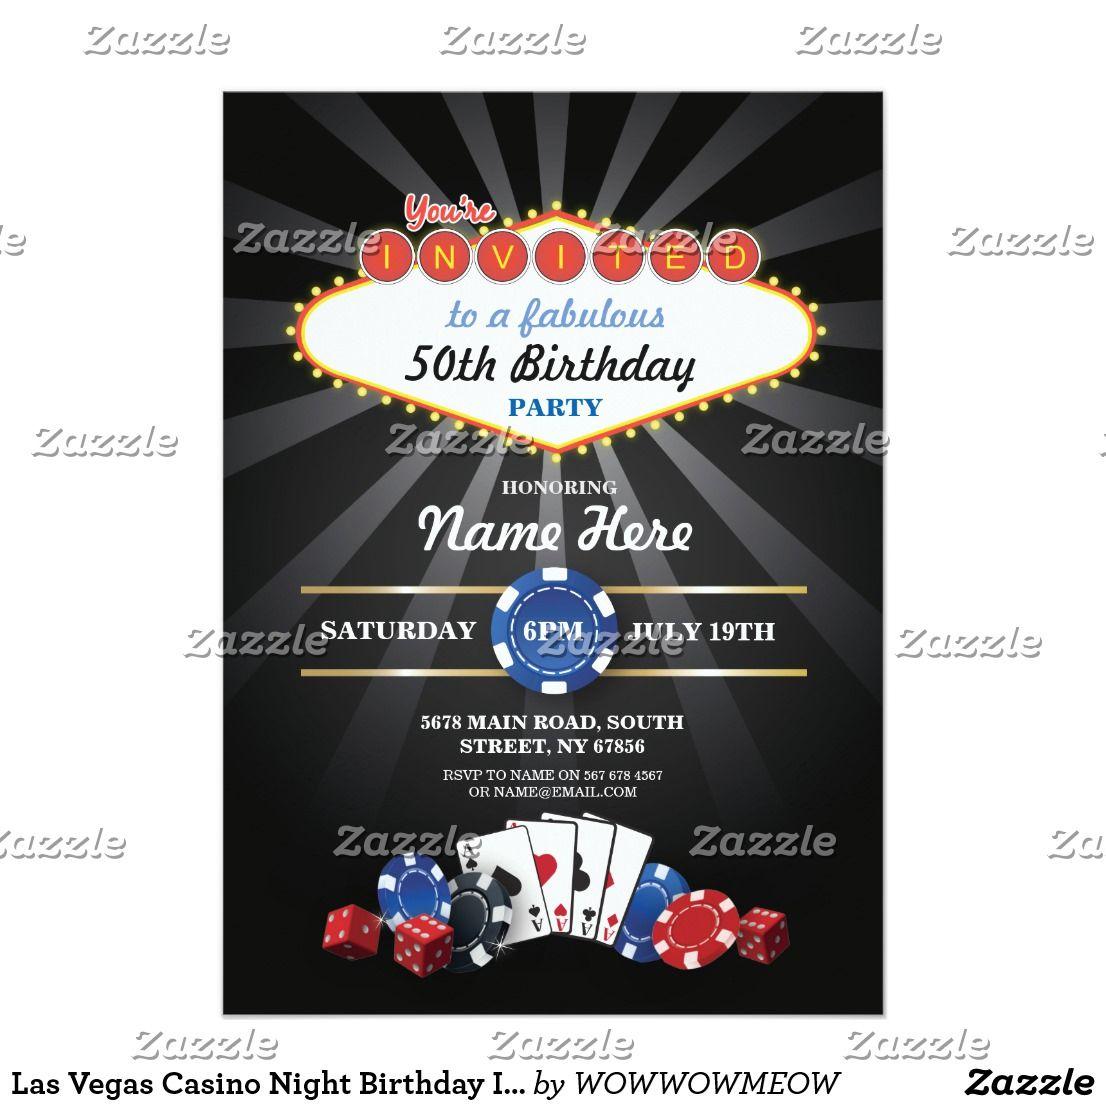 Las Vegas Casino Night Birthday Invite Party | Las vegas casinos ...